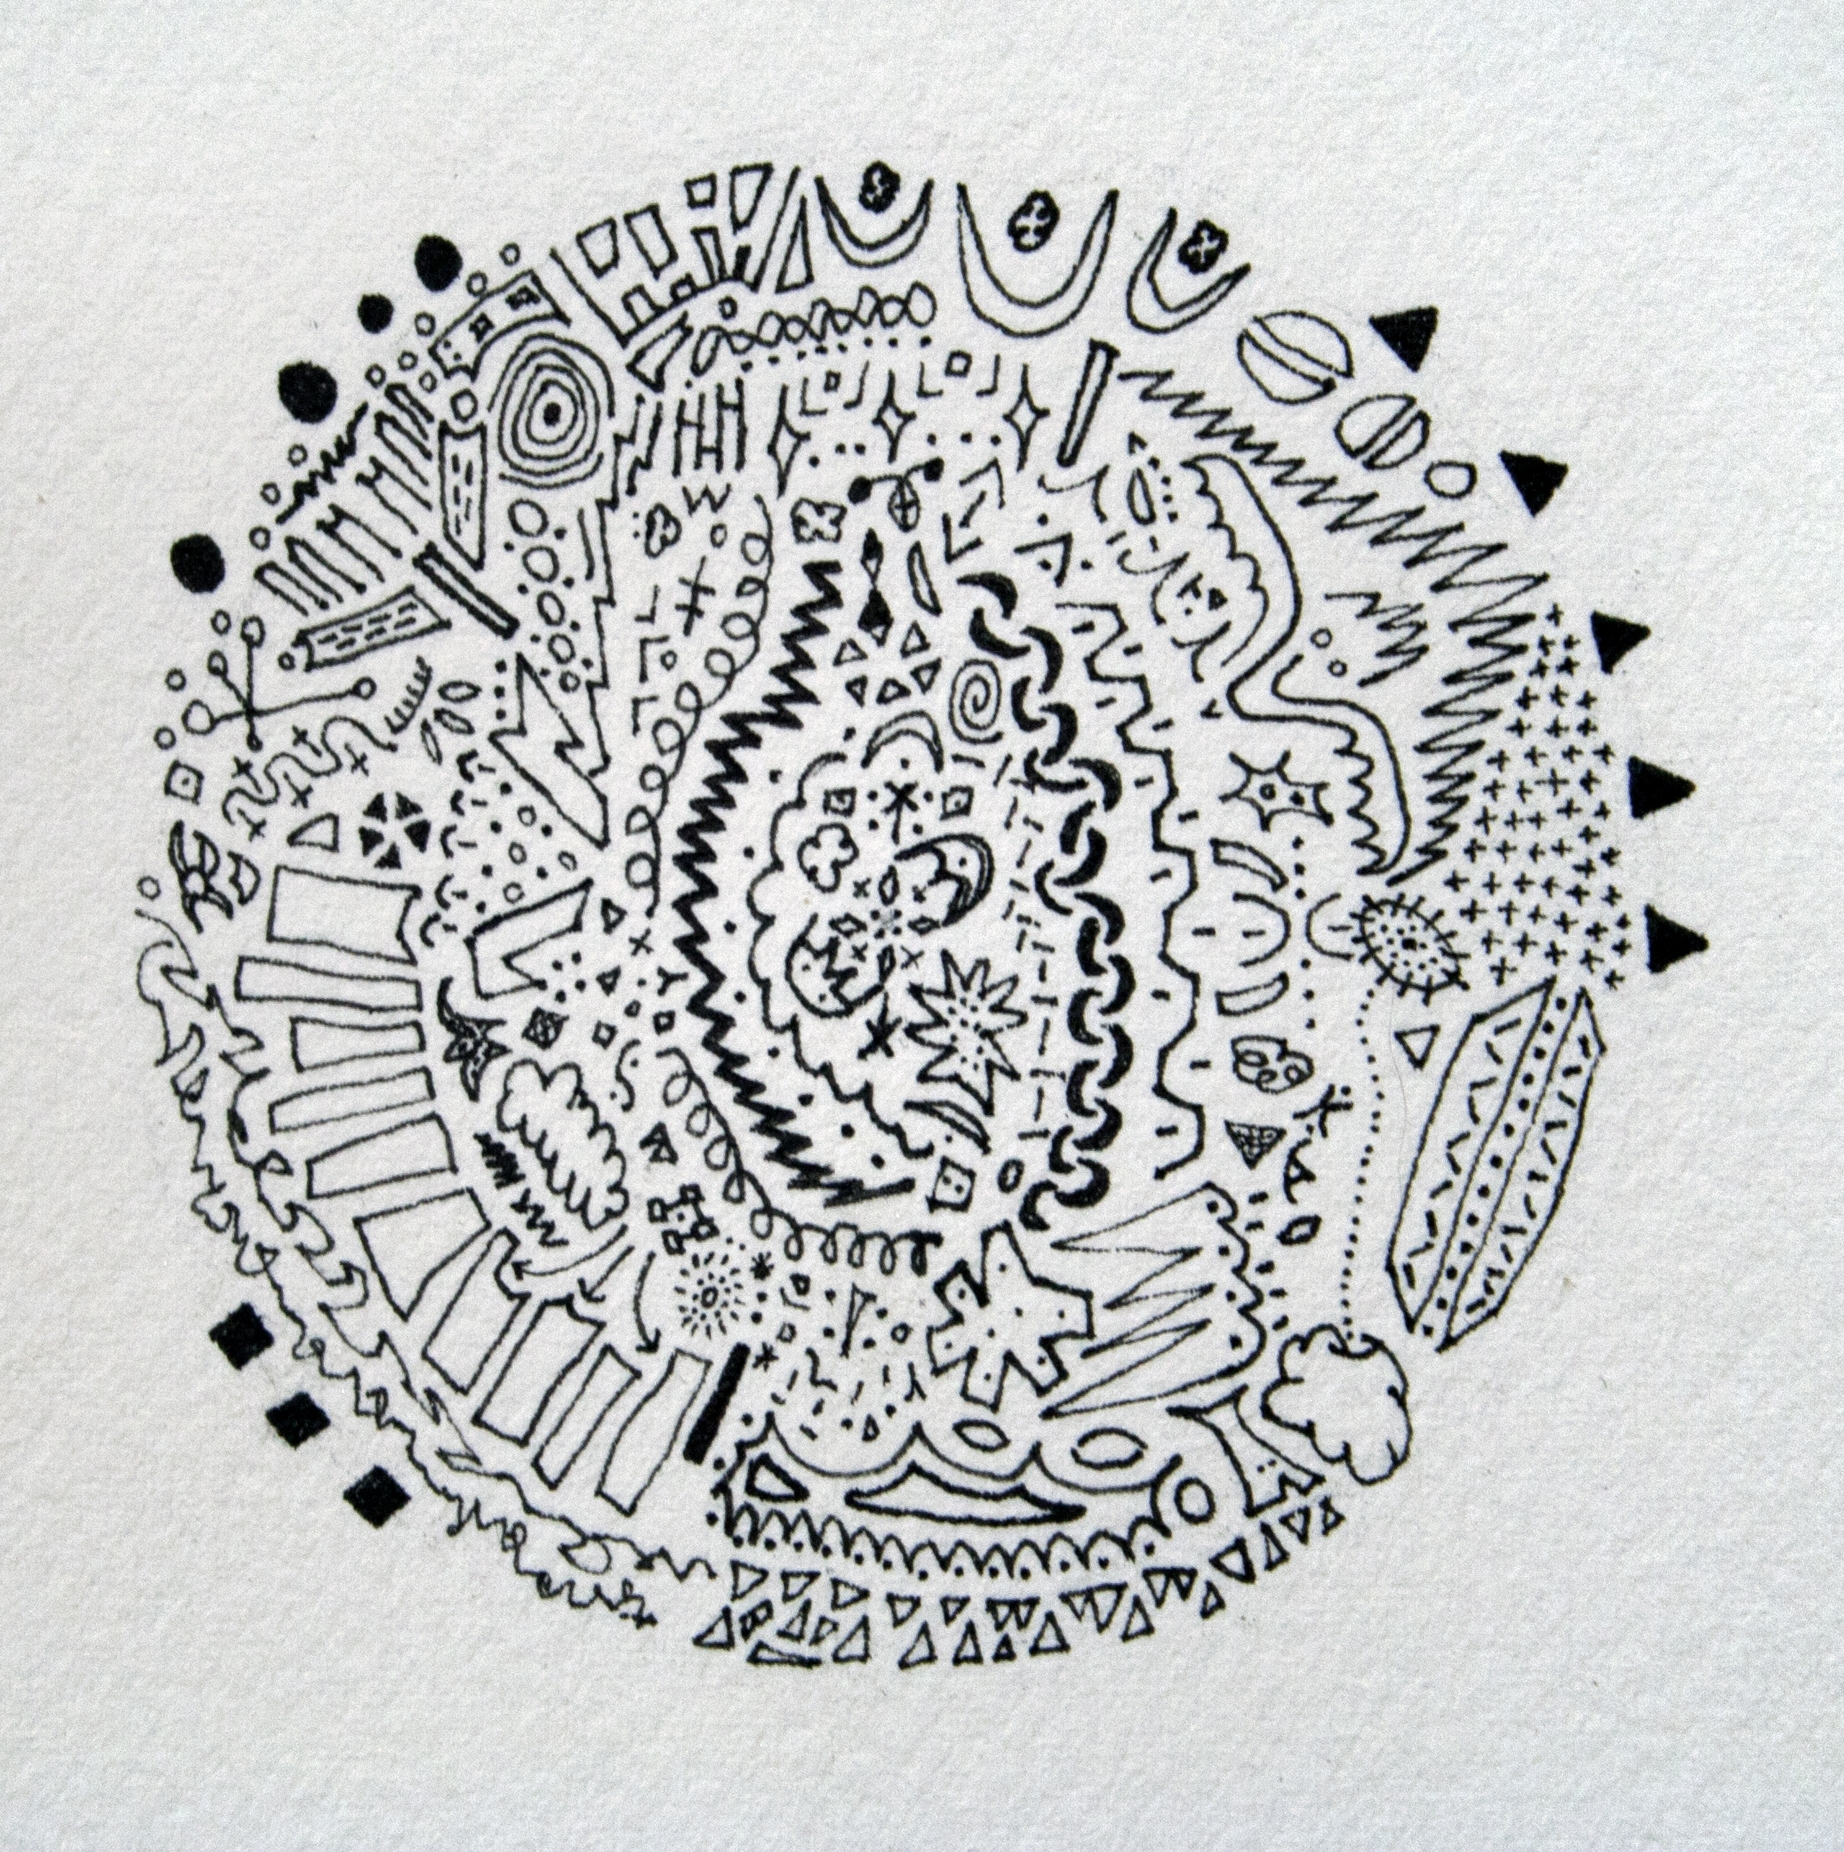 Drawings by Josiah Copley